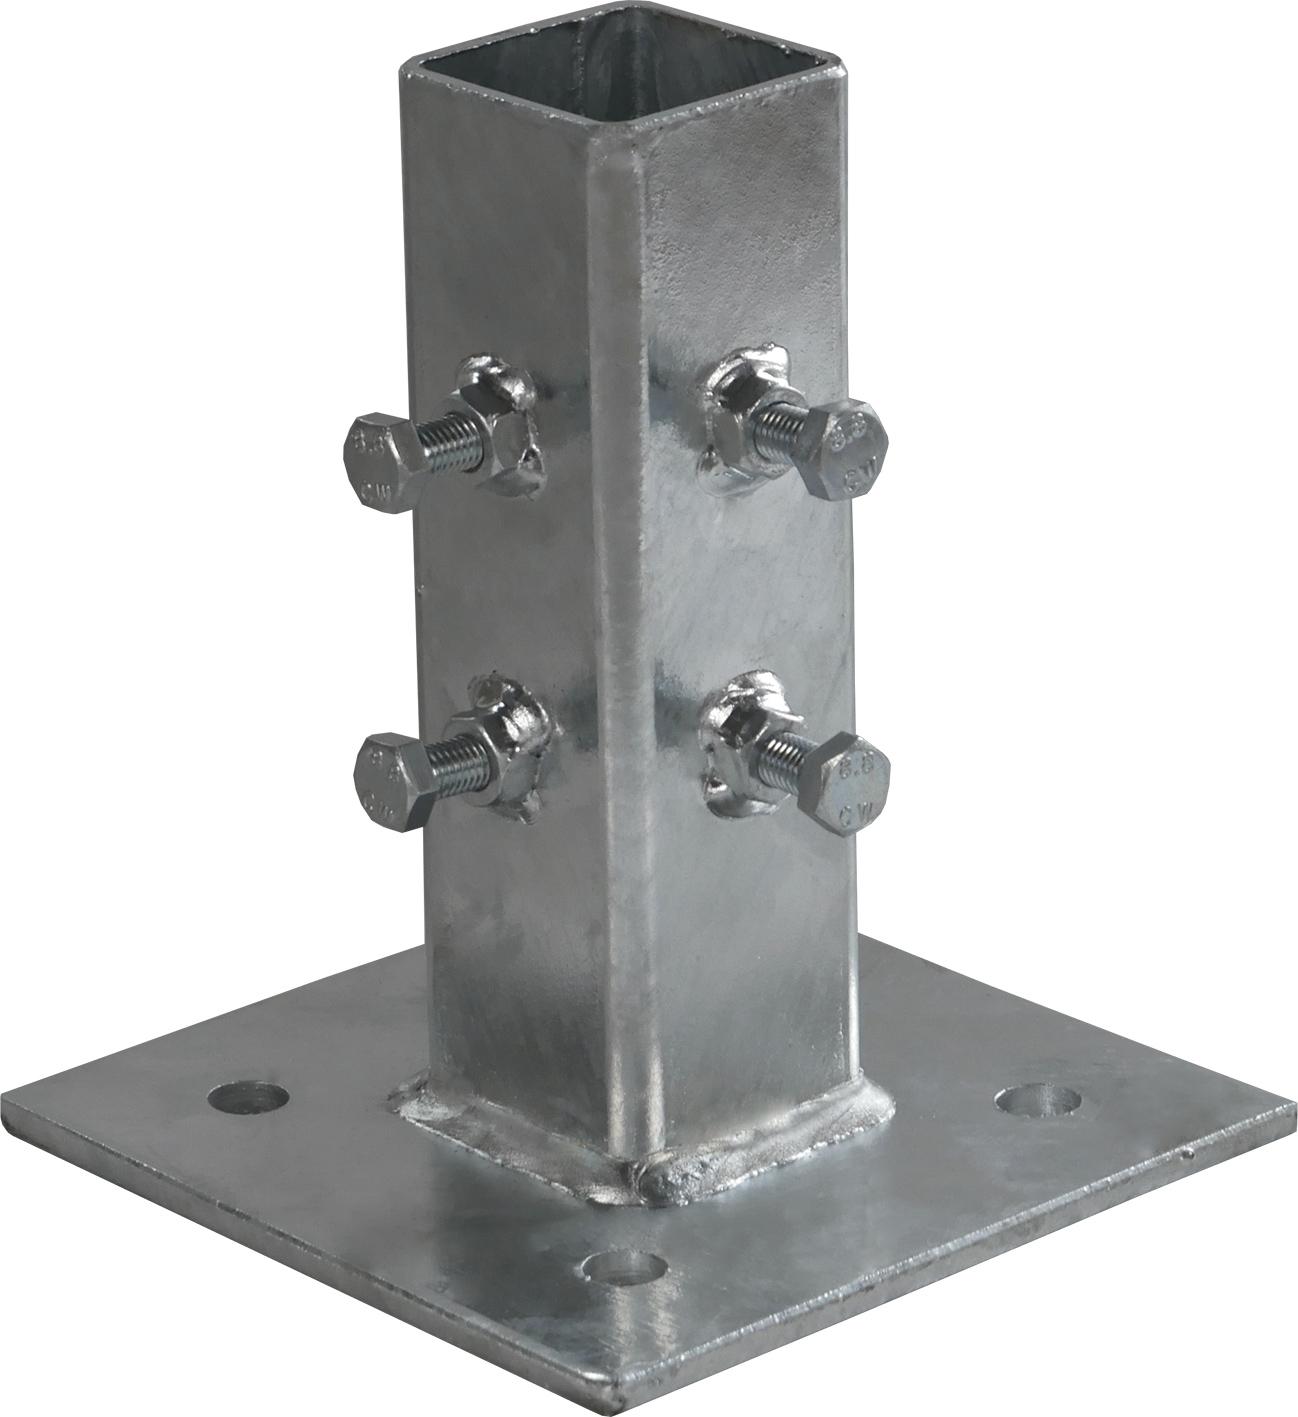 Schake Adaptierung für Beton-Aufstellvorrichtung